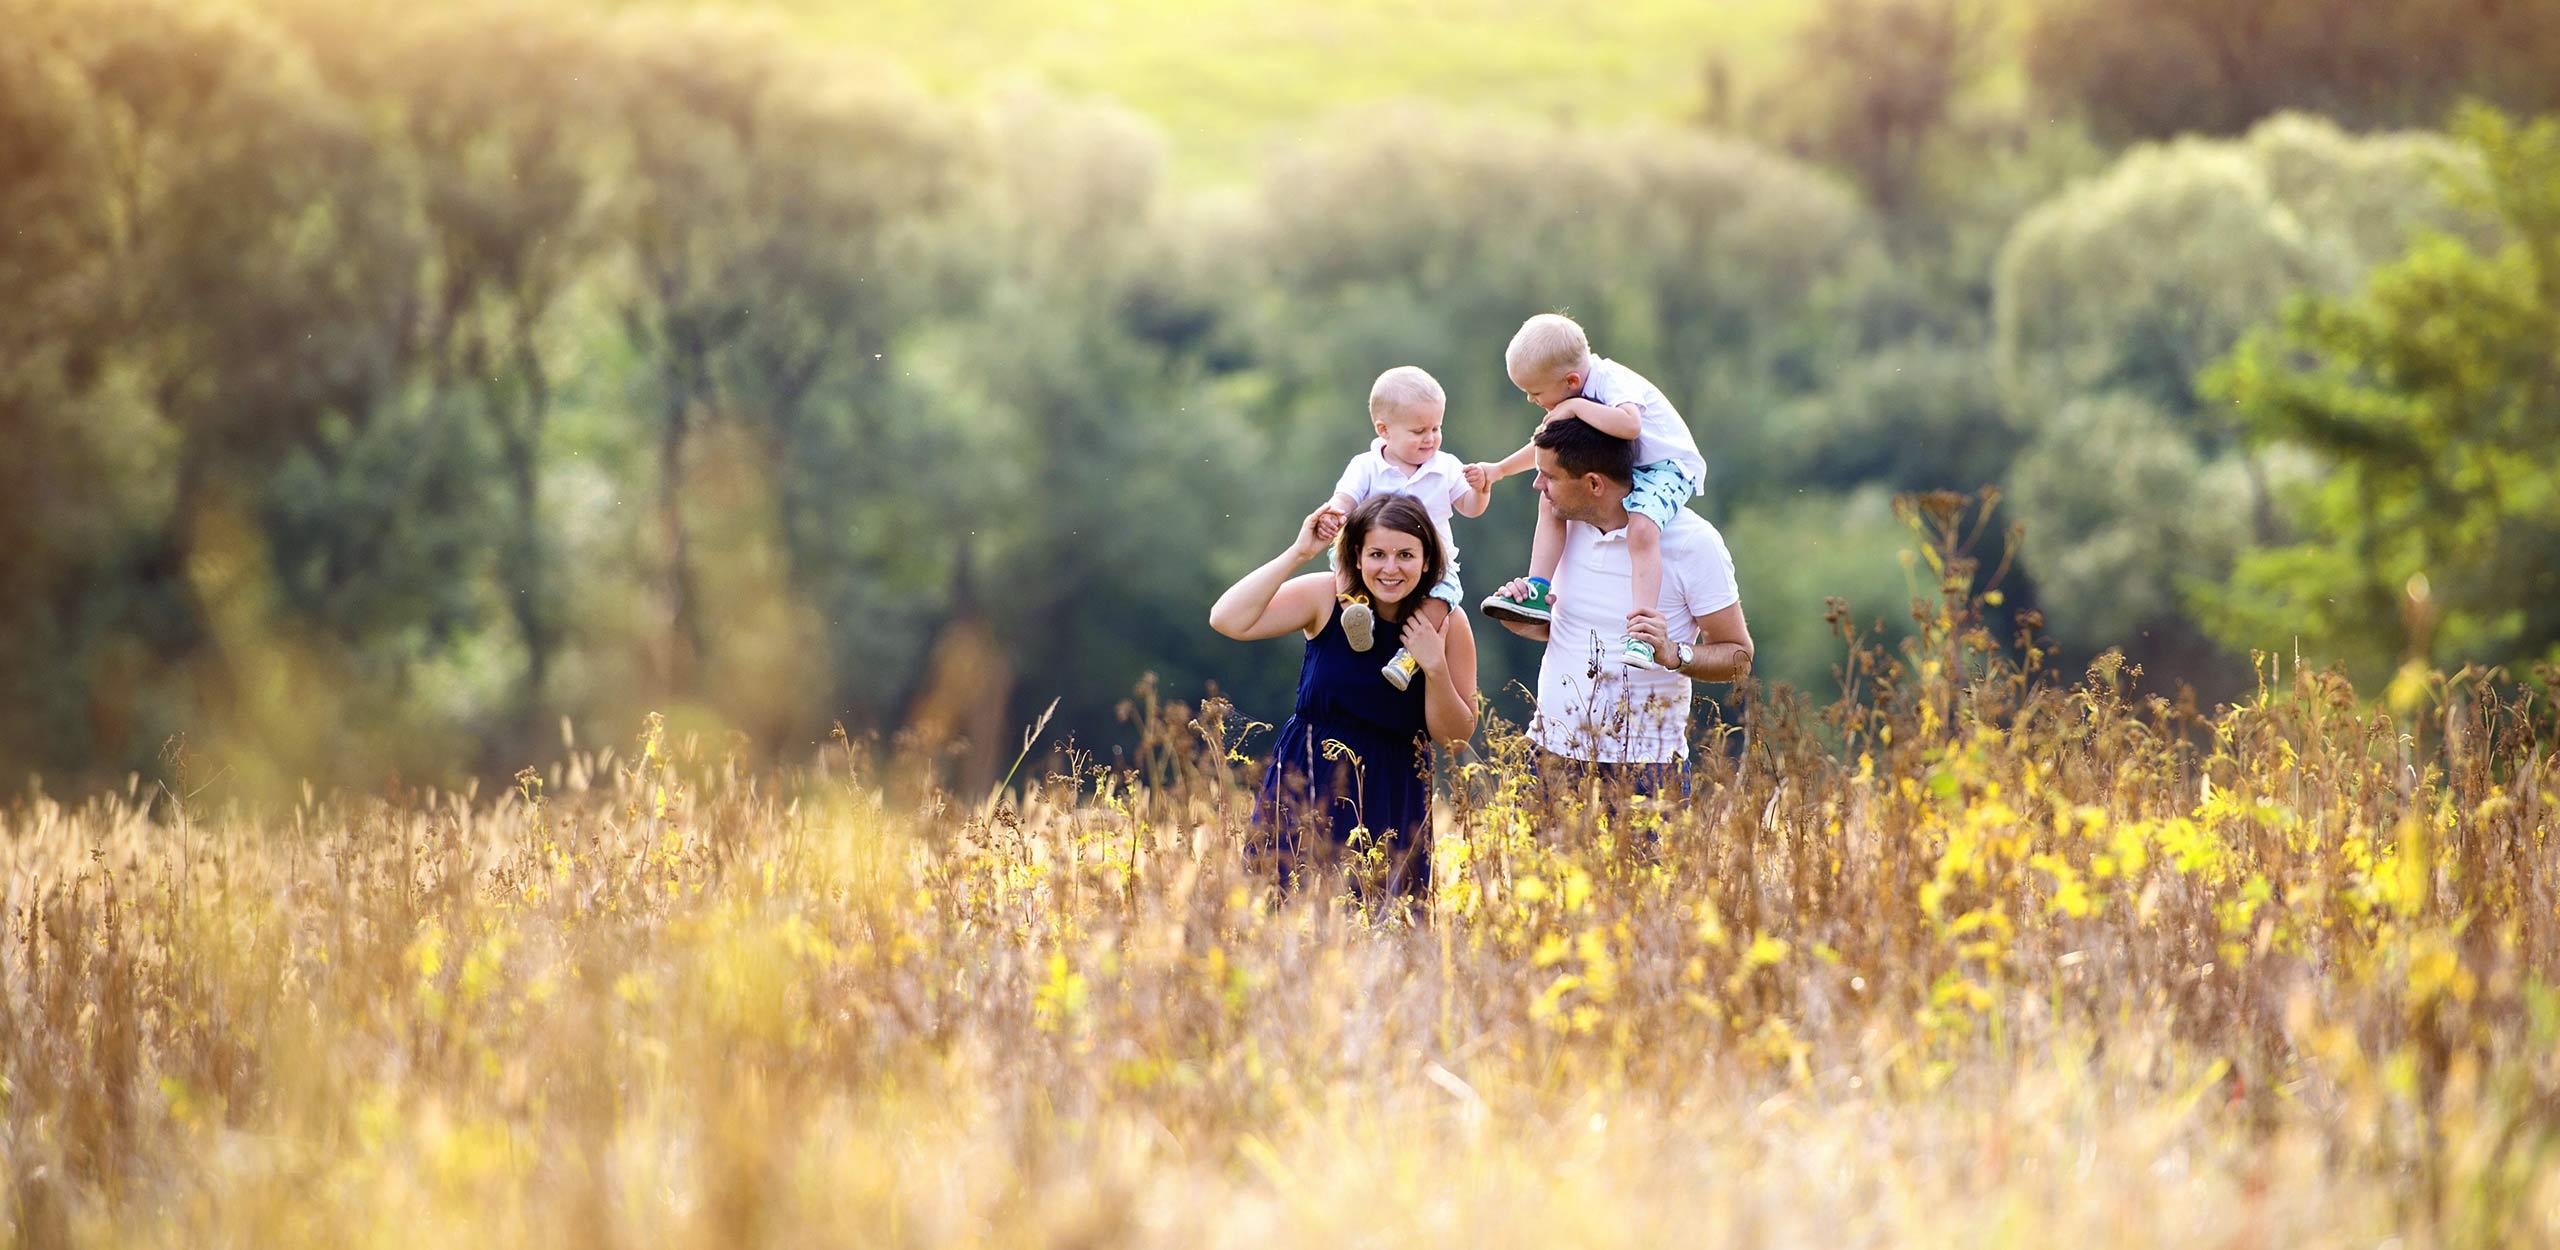 Familia disfrutando en una plantación de Teff